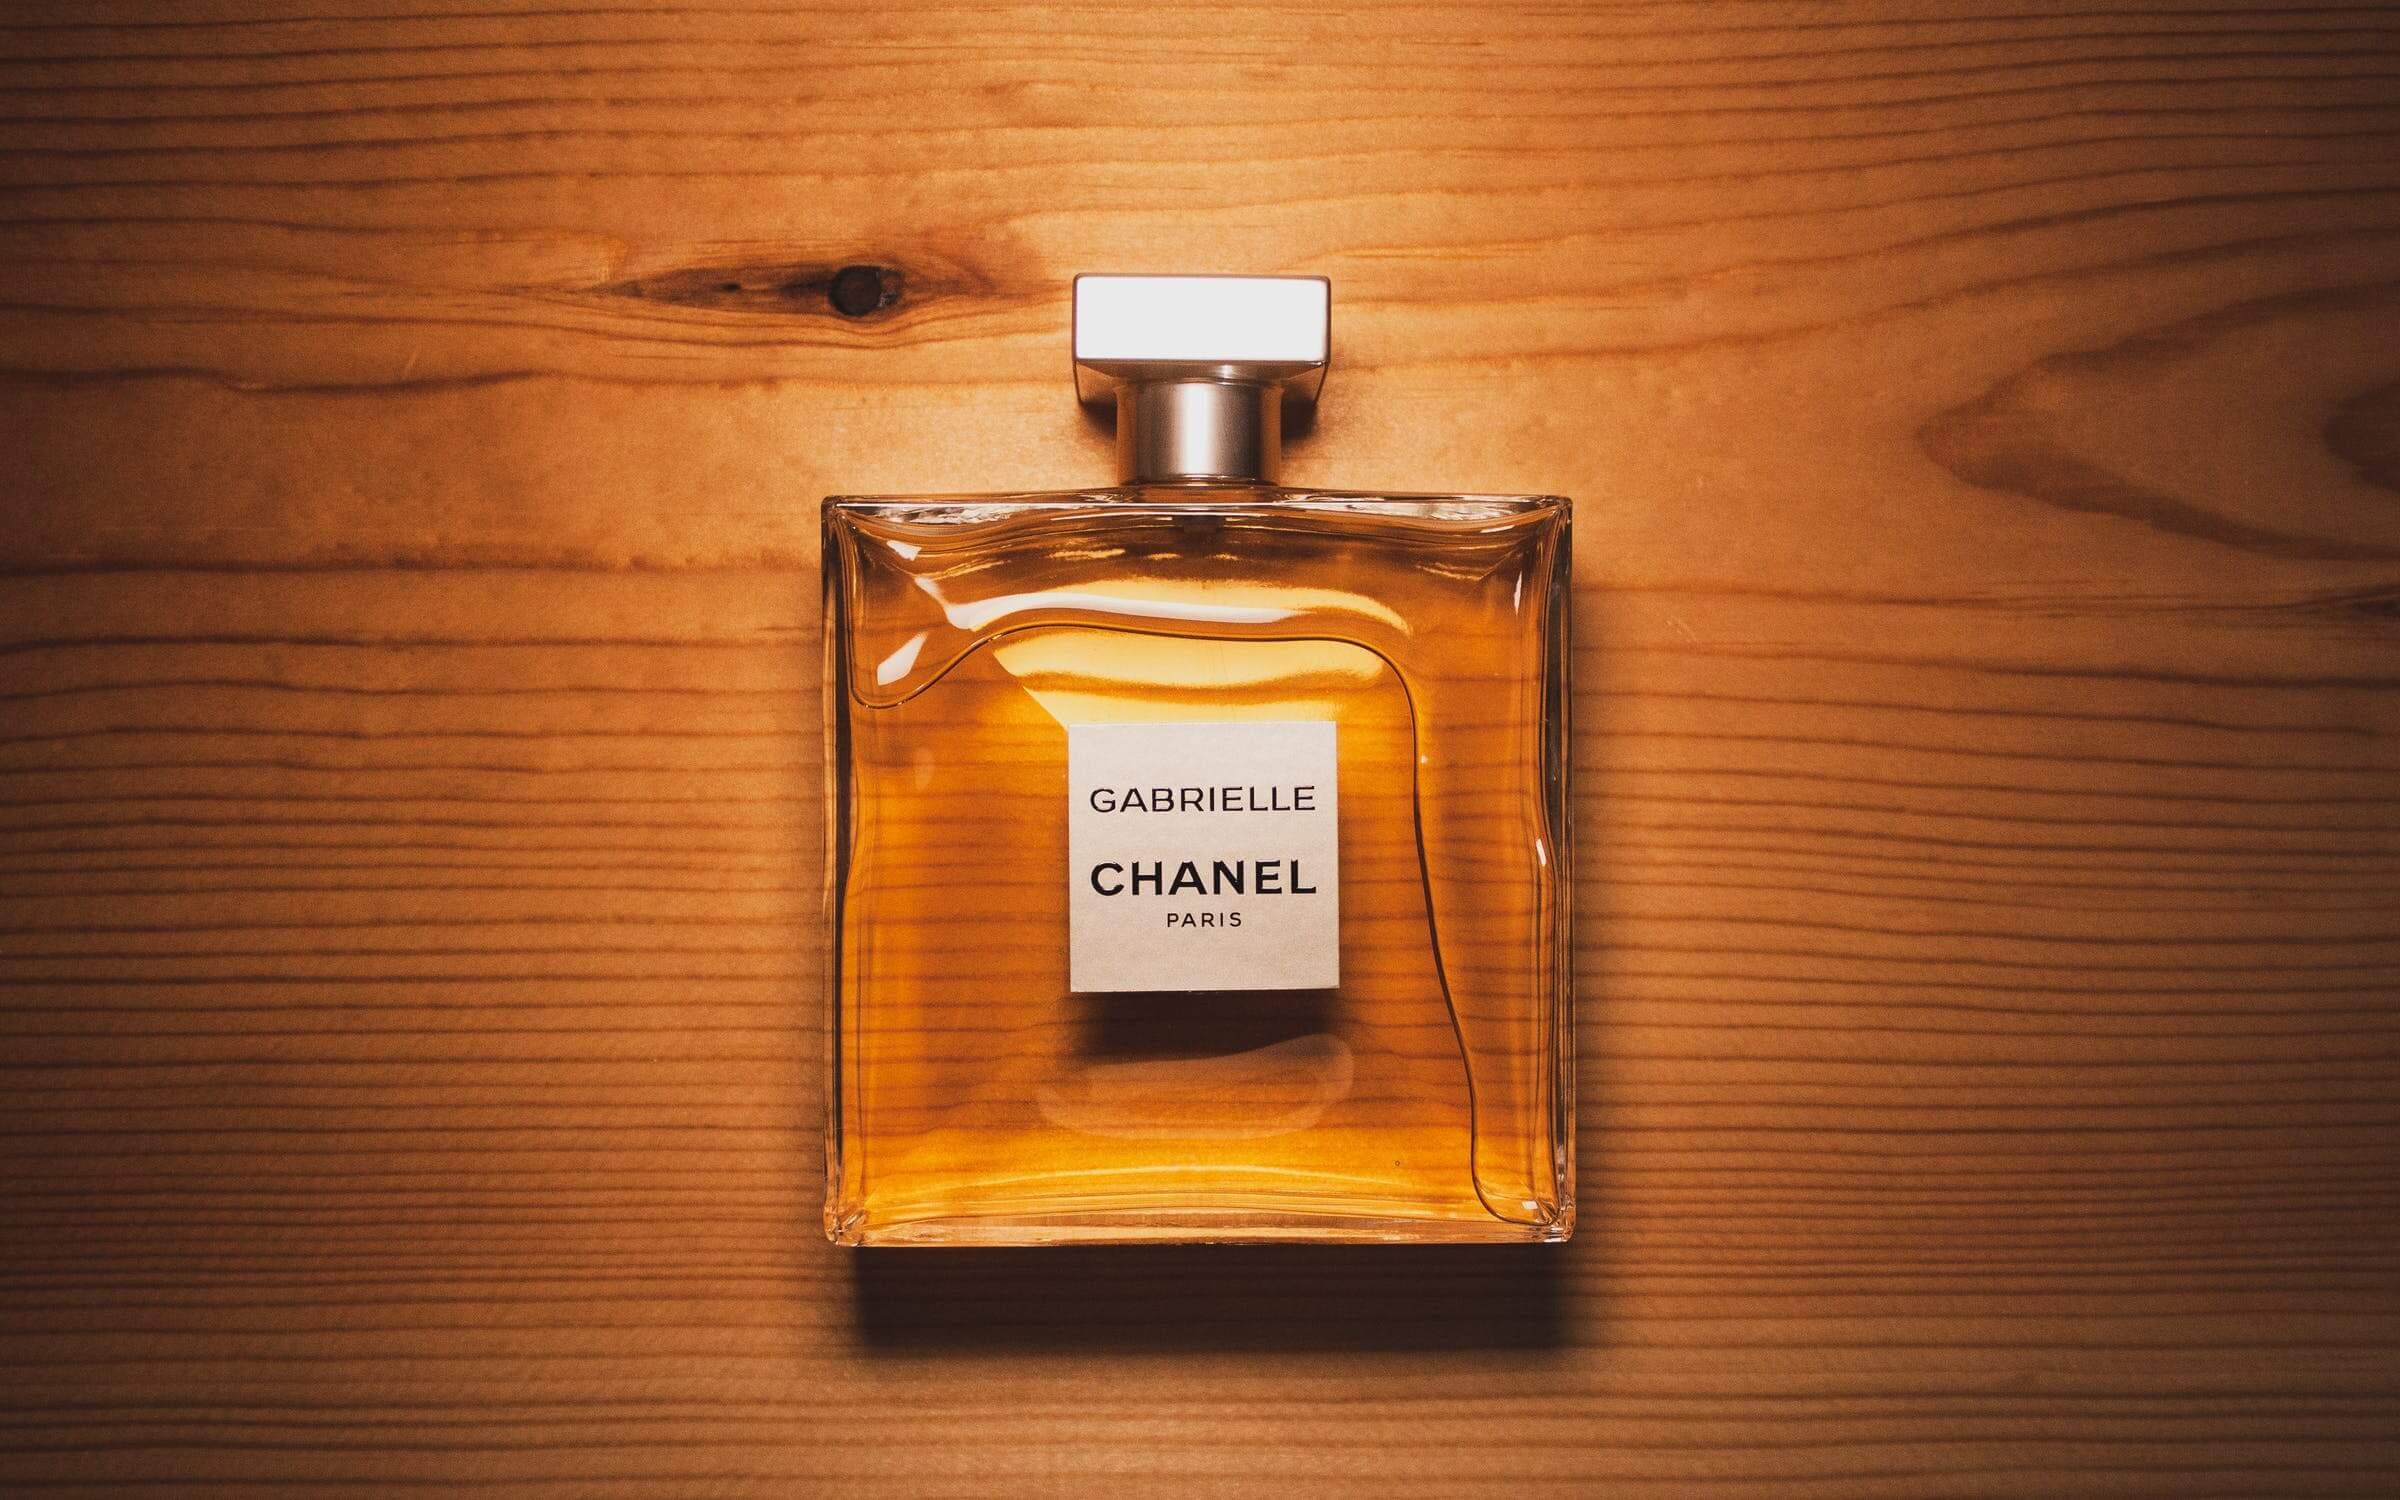 Žena, ktorá nepoužíva parfém, nemyslí na budúcnosť